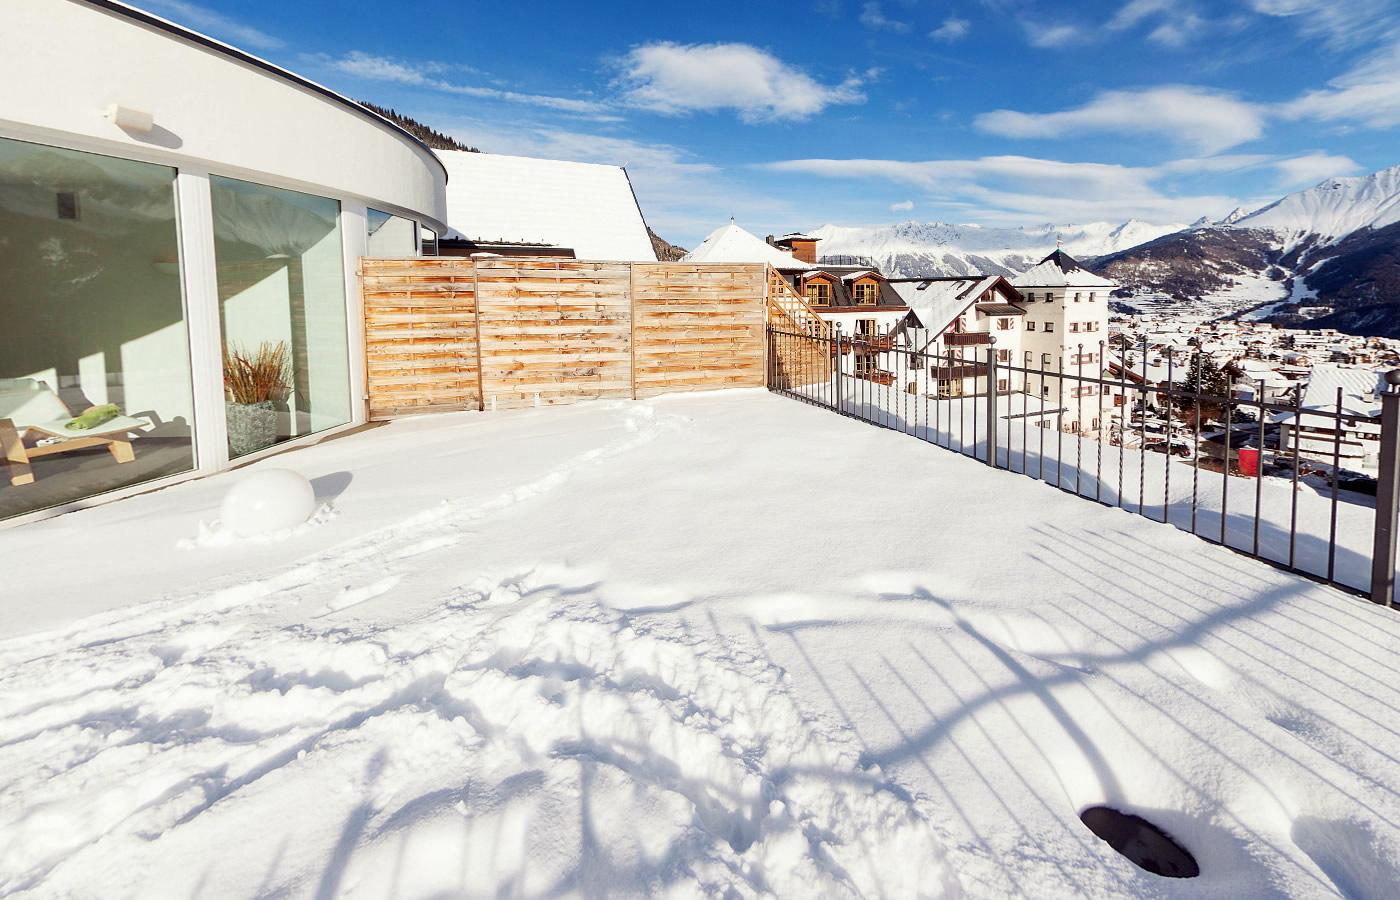 Hotel Natürlich Dachterrasse - überblicken von Fiss, Tirol.